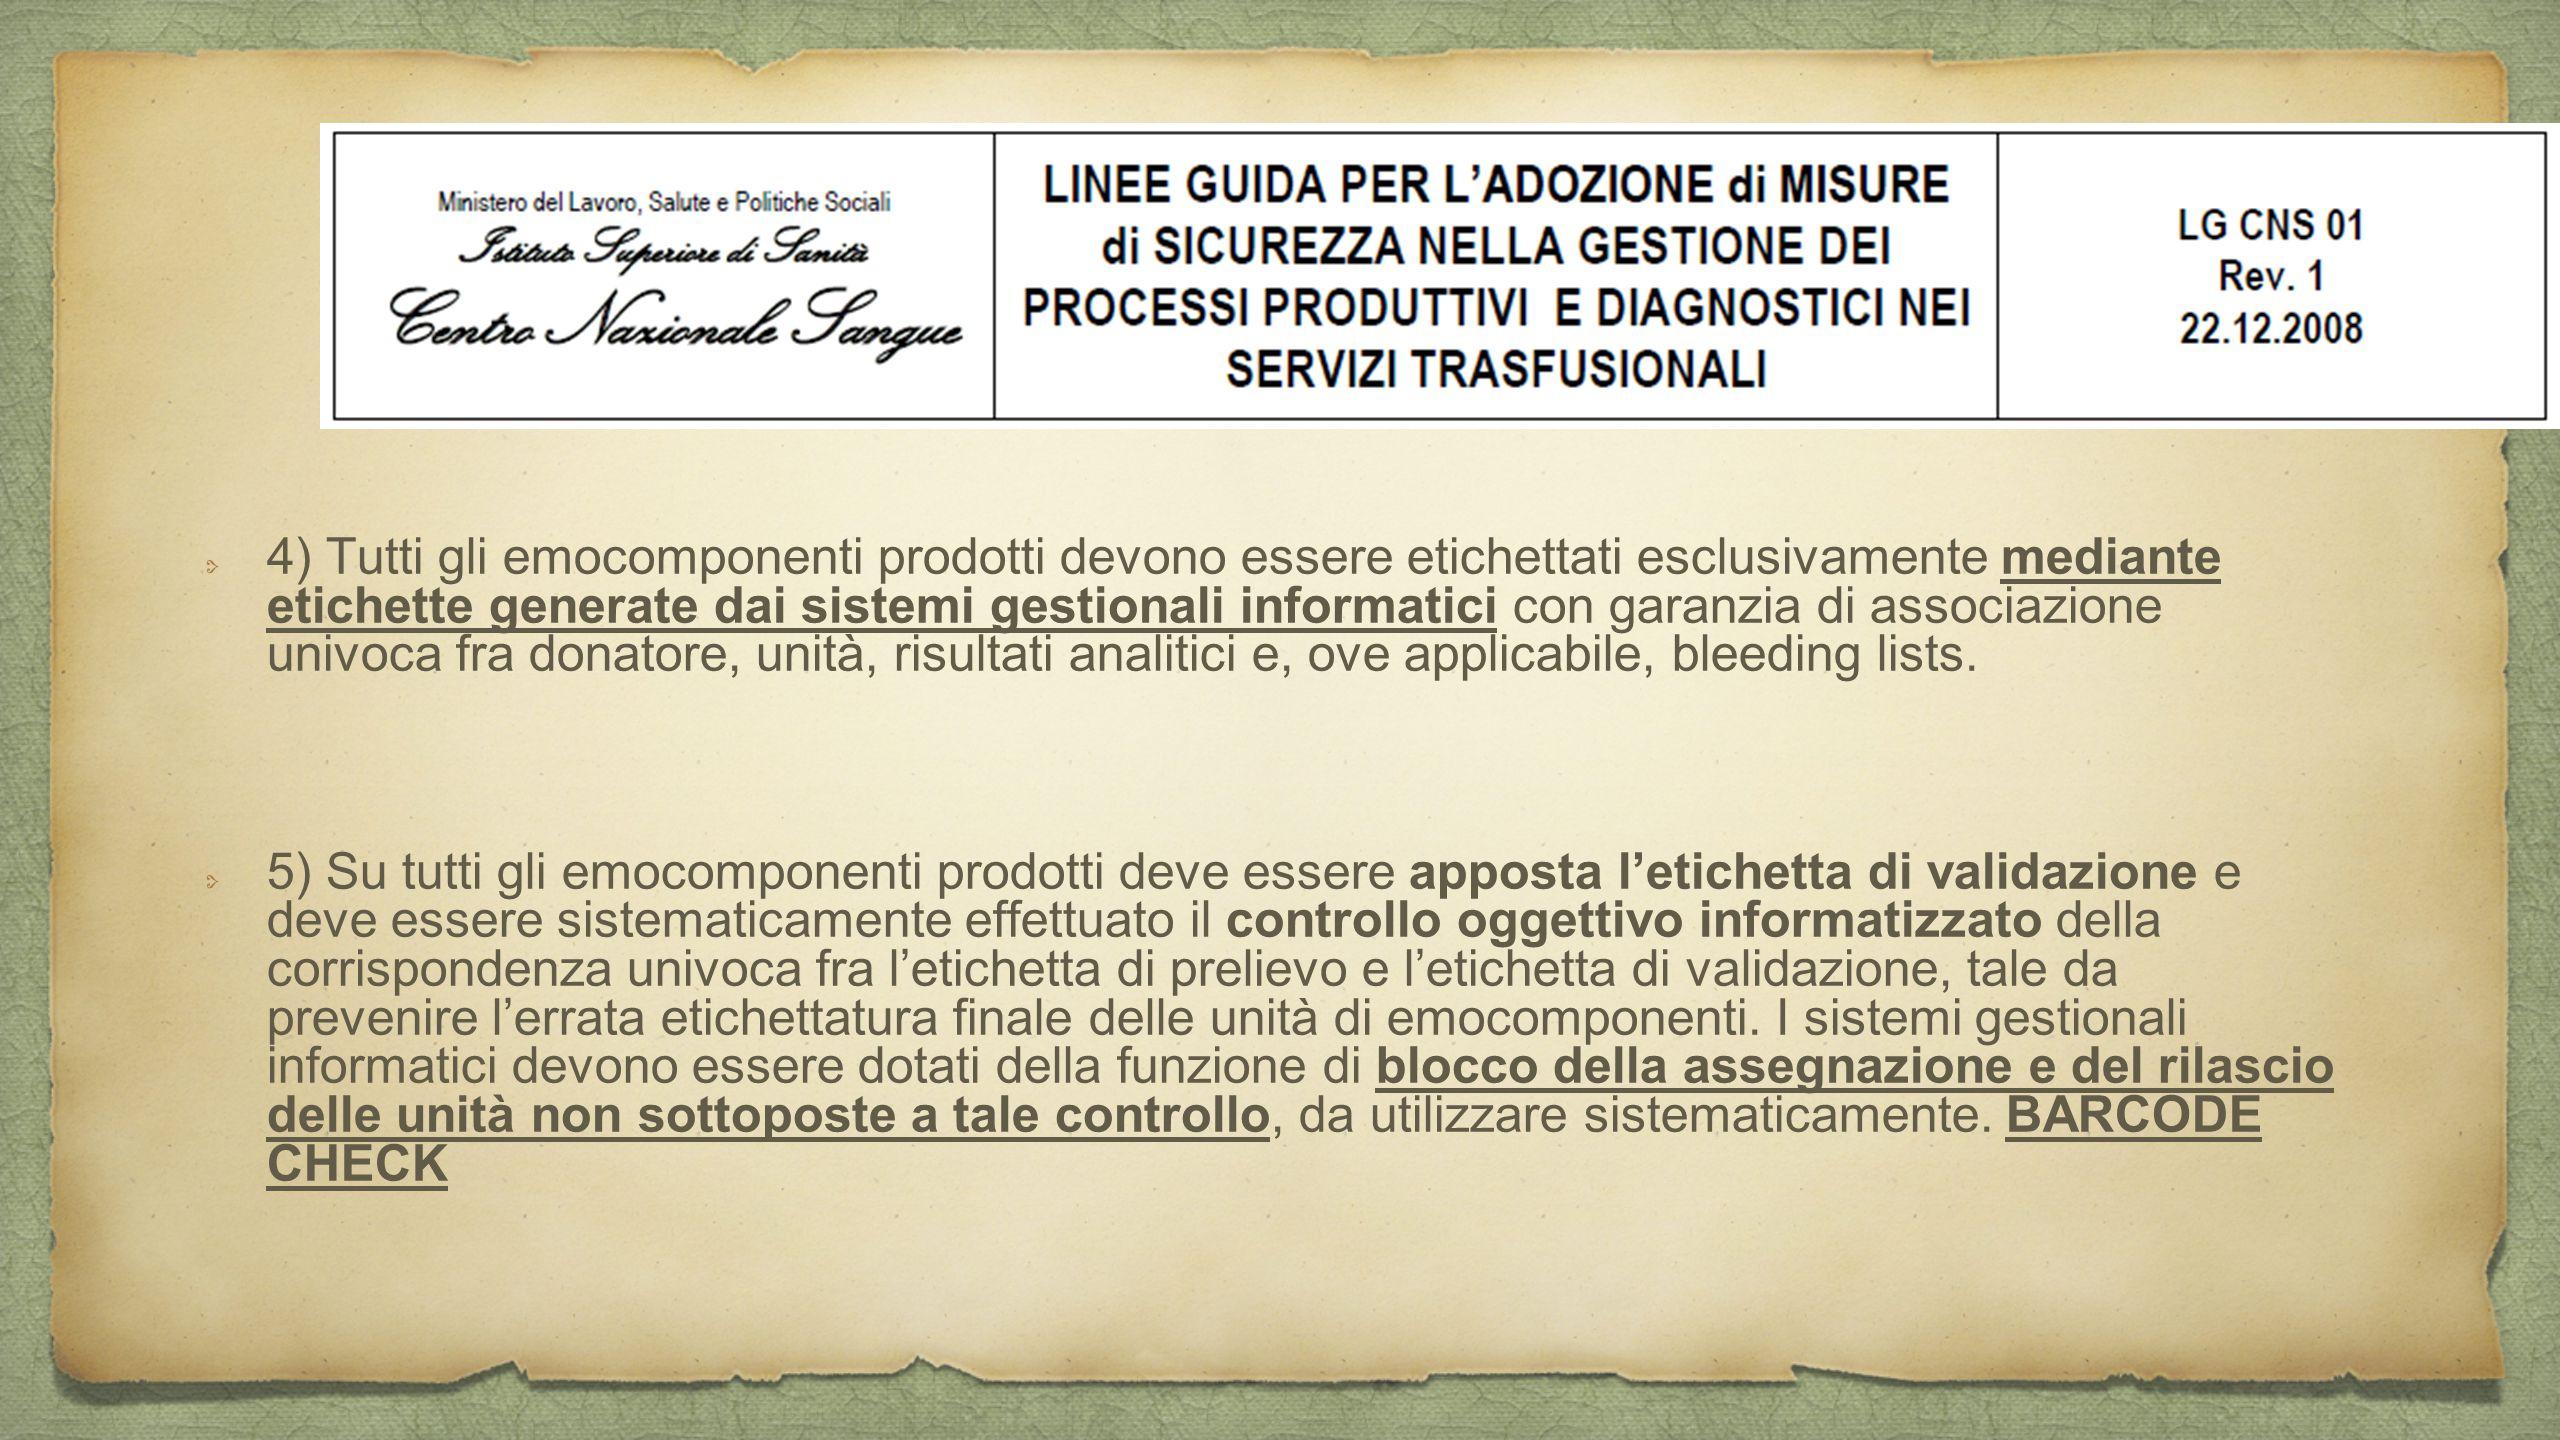 4) Tutti gli emocomponenti prodotti devono essere etichettati esclusivamente mediante etichette generate dai sistemi gestionali informatici con garanz